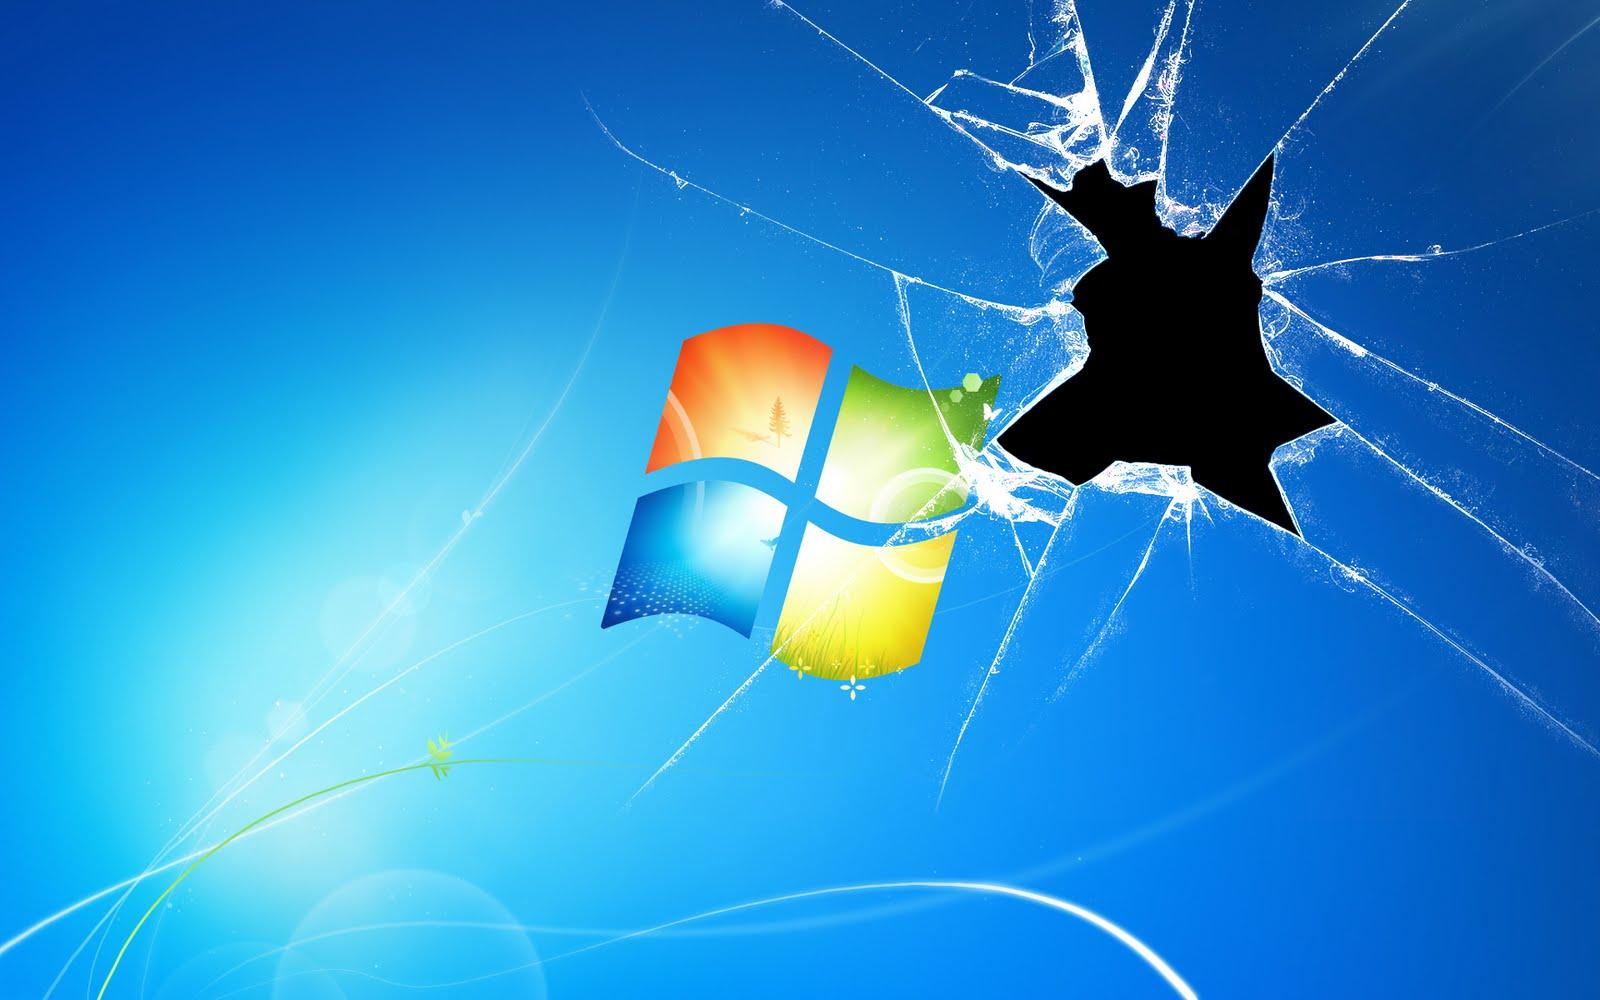 window 7 HD Wallpaper HD Wallpapers of Windows 7 1600x1000